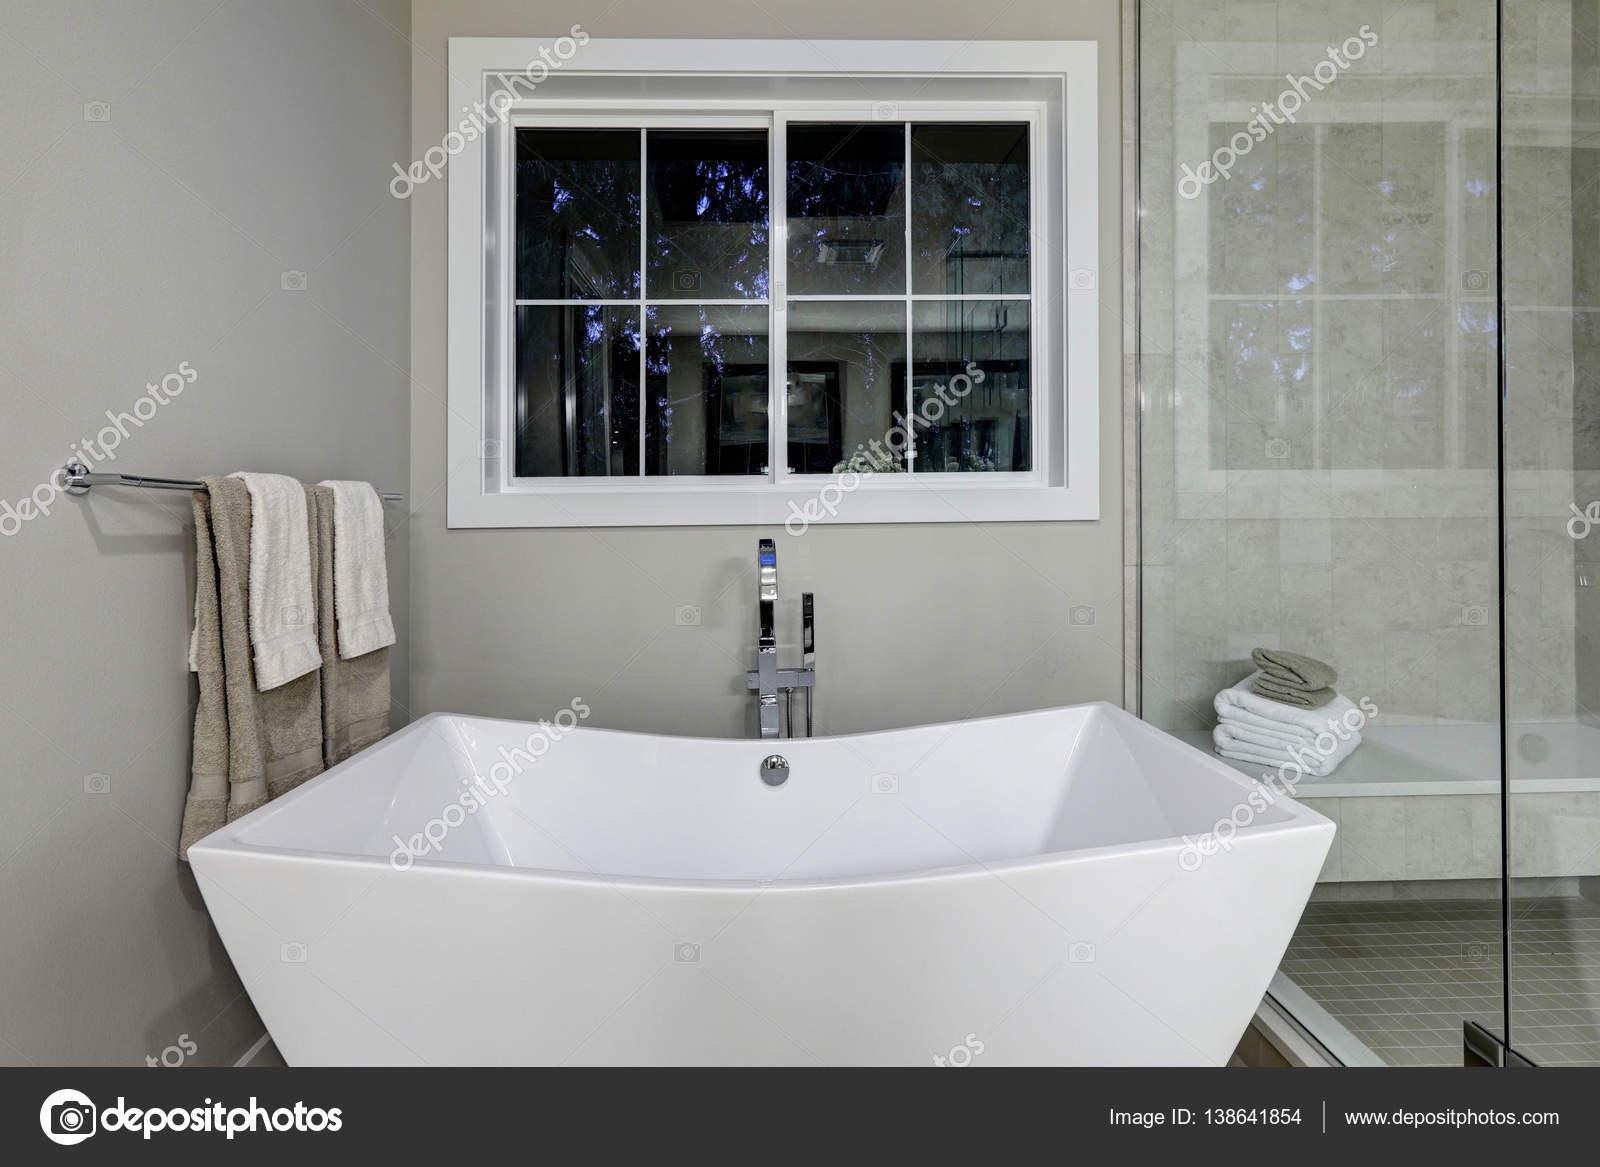 Badkamer Vrijstaand Bad : Badkamer steenbergen badkamer met vrijstaand bad